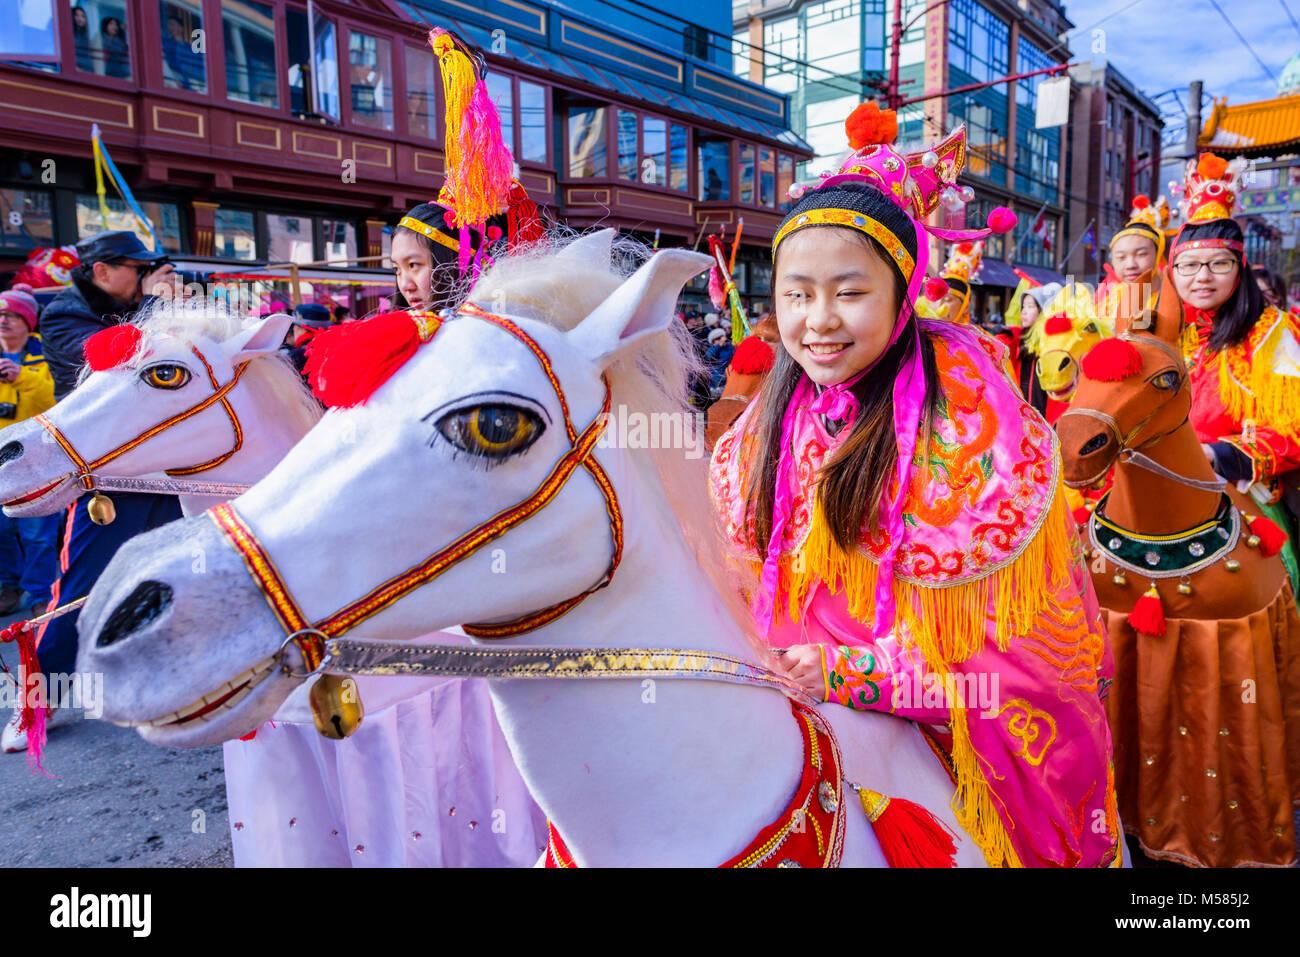 Nuovo anno lunare cinese Parade, Chinatown, Vancouver, British Columbia, Canada. Immagini Stock